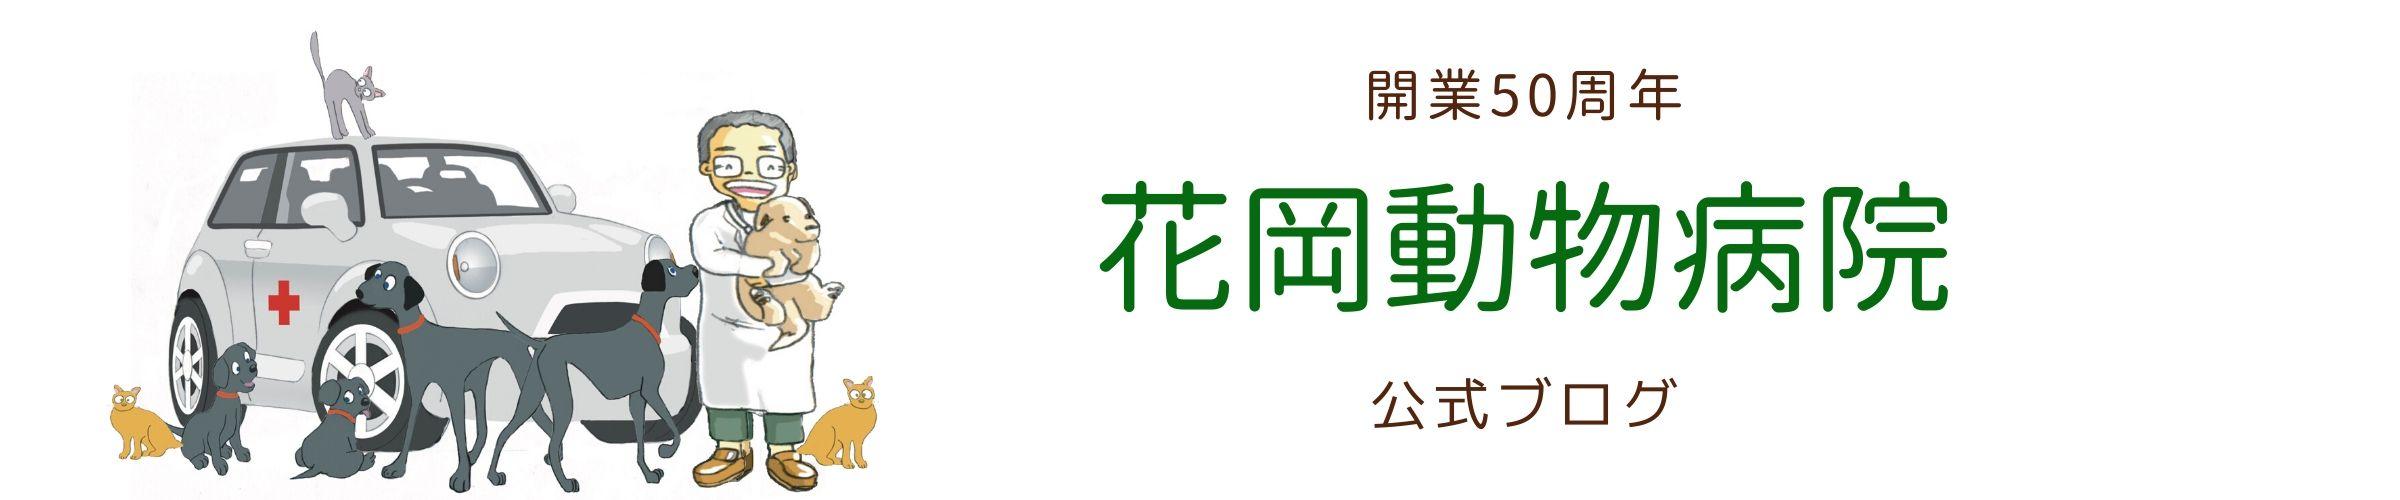 大和市の花岡動物病院ブログ